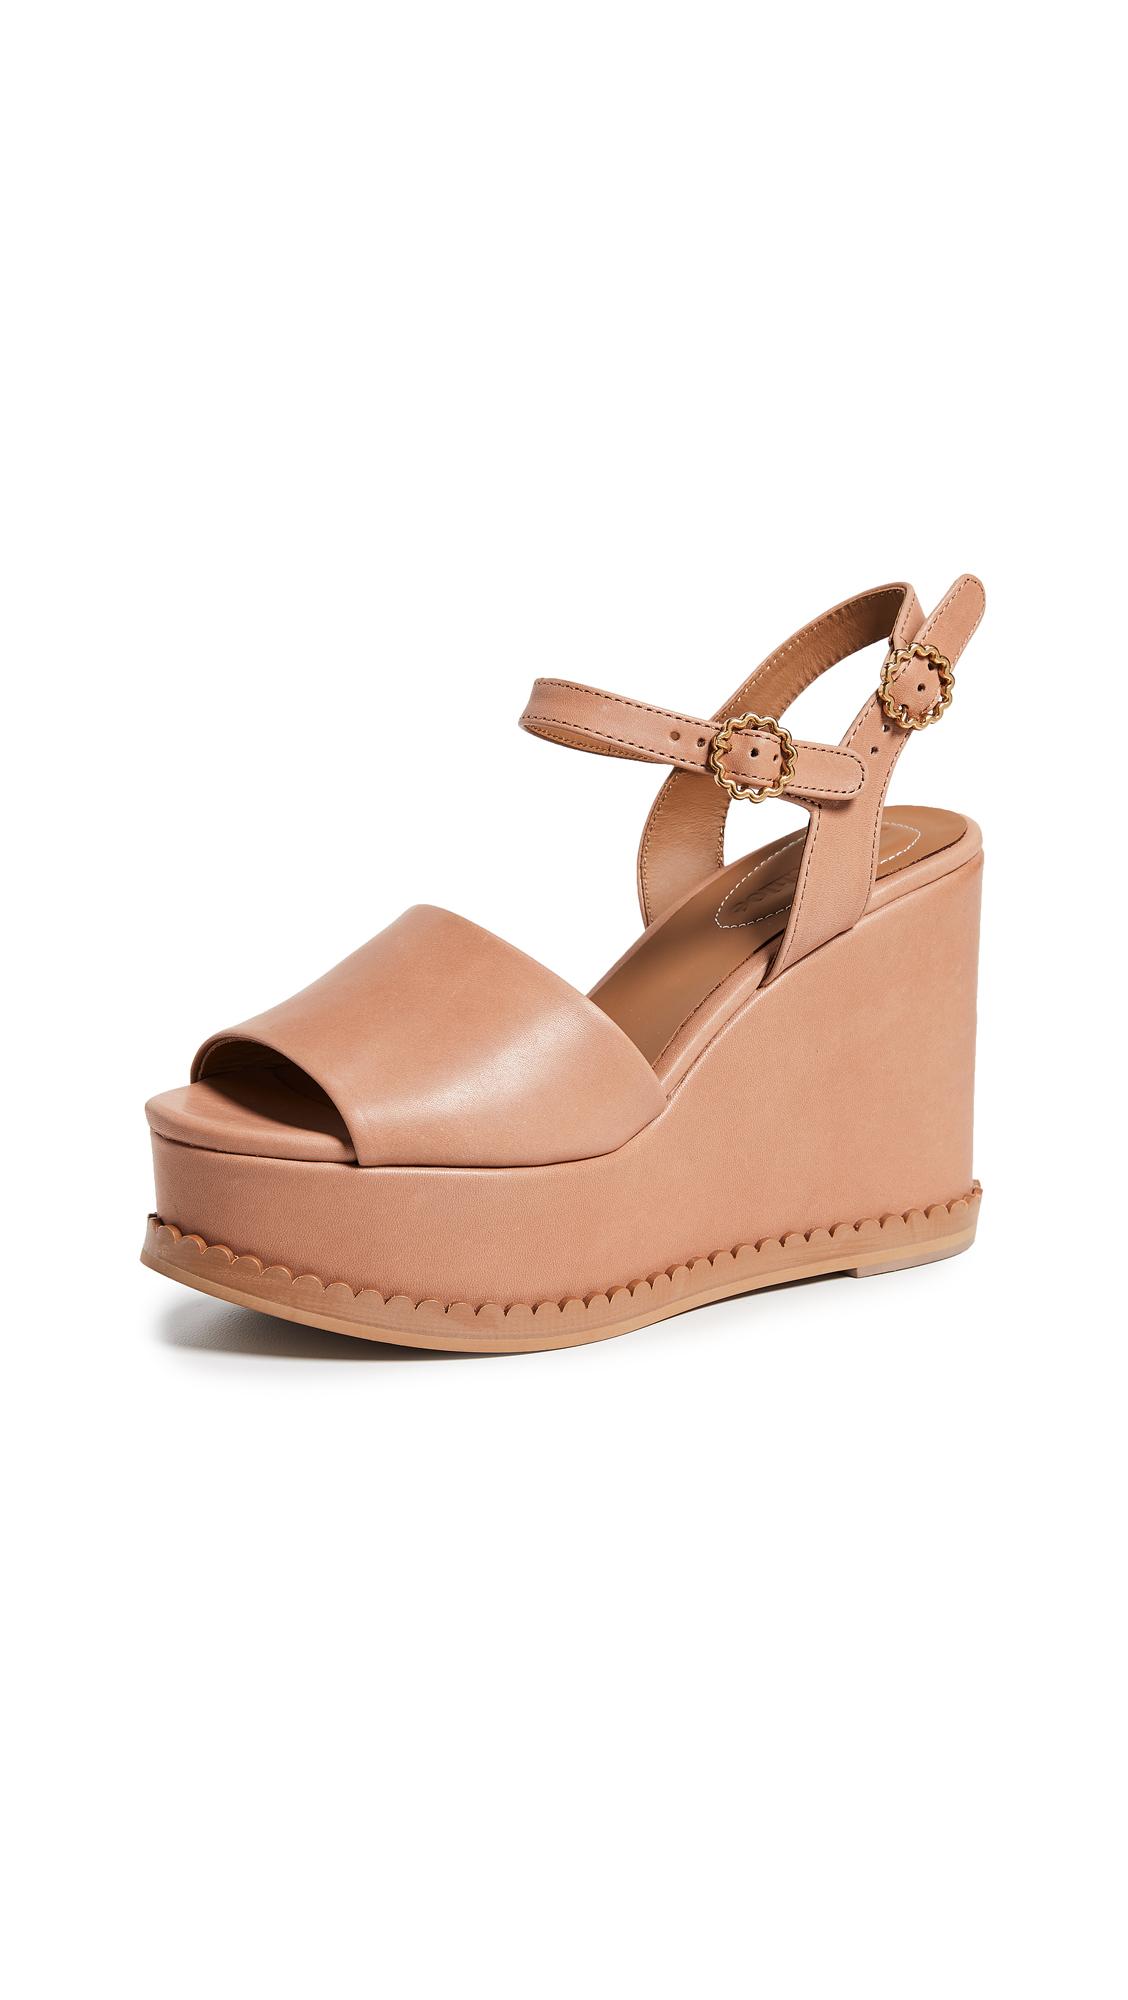 See by Chloe Carrie Super Wedge Sandals - Sierra